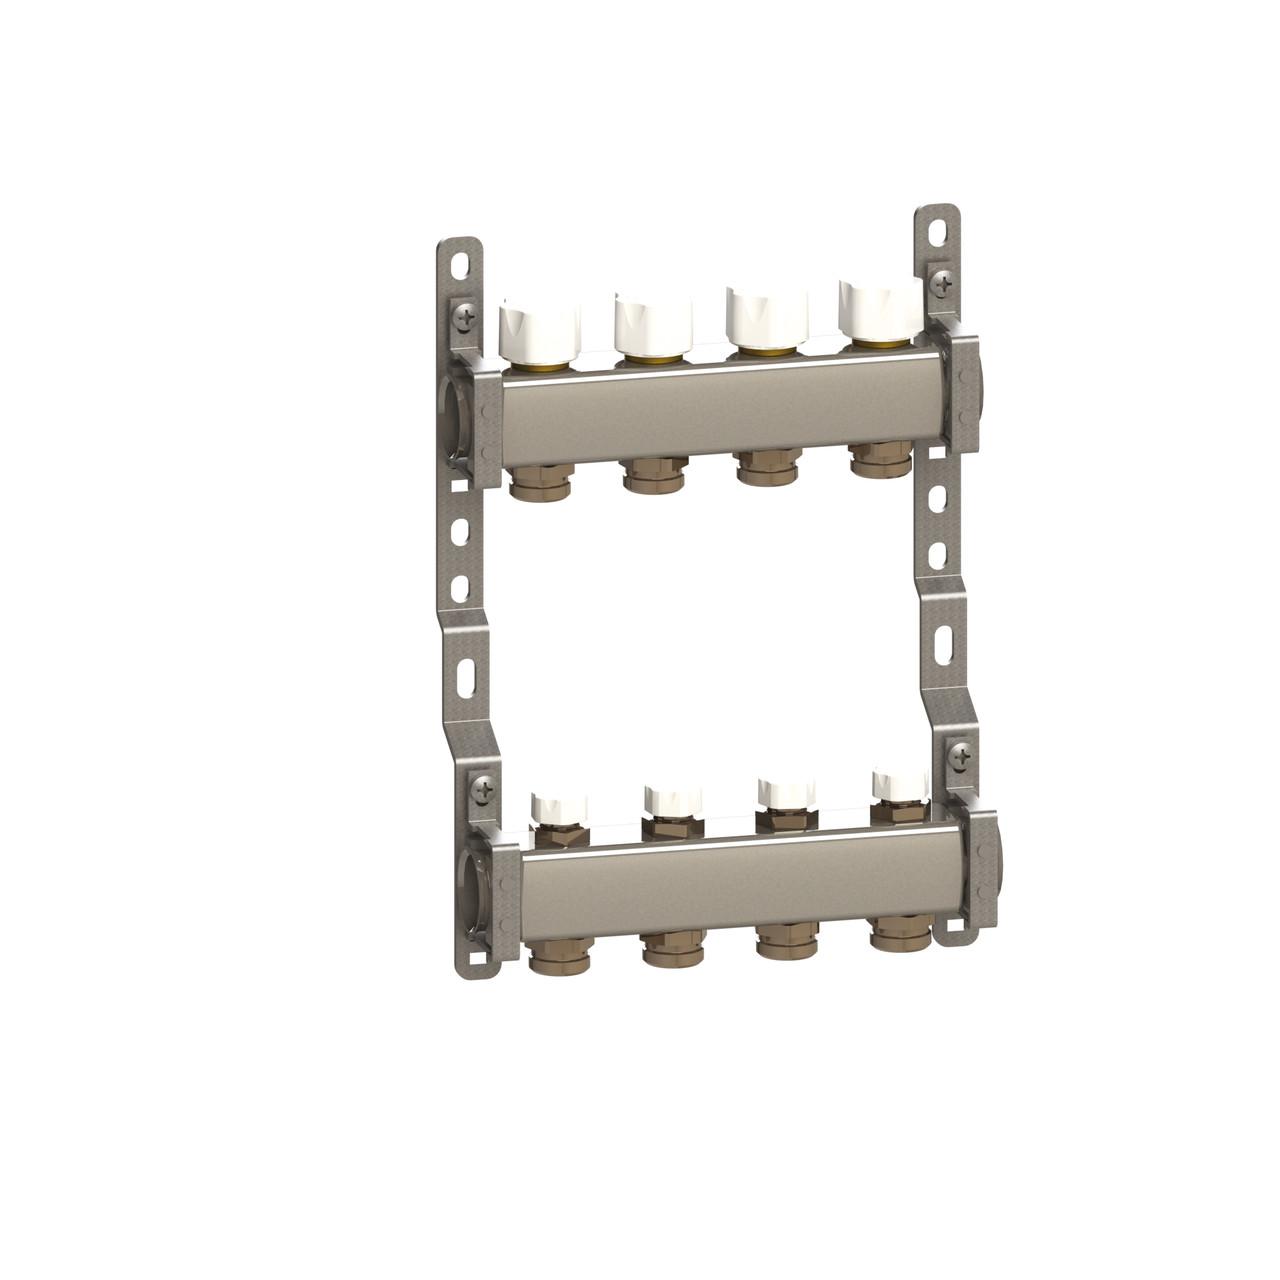 Коллектор в сборе нерж. сталь для подключ. 4 контура, с отсек. и термоклап.